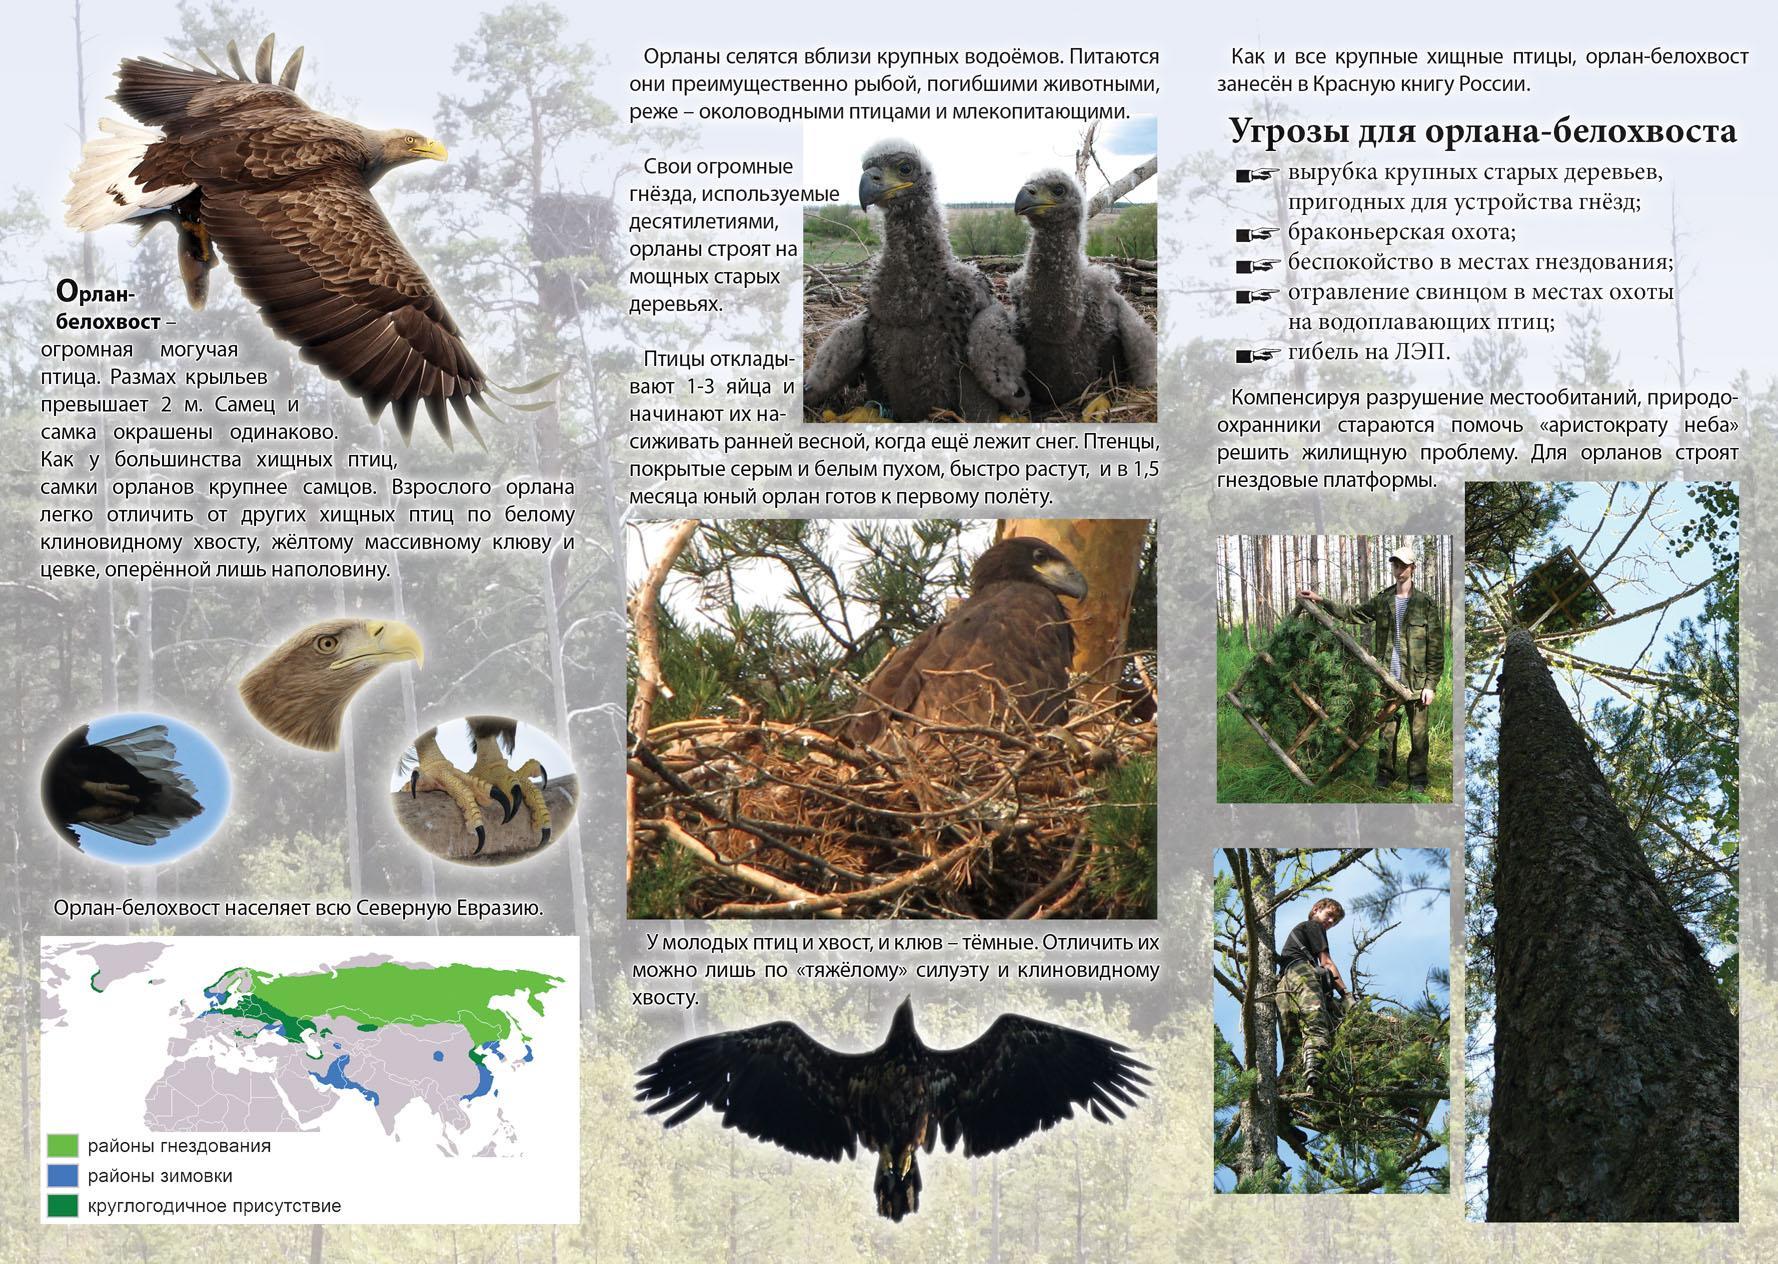 Буклет: орлан-белохвост - птица 2013 года. С.2.